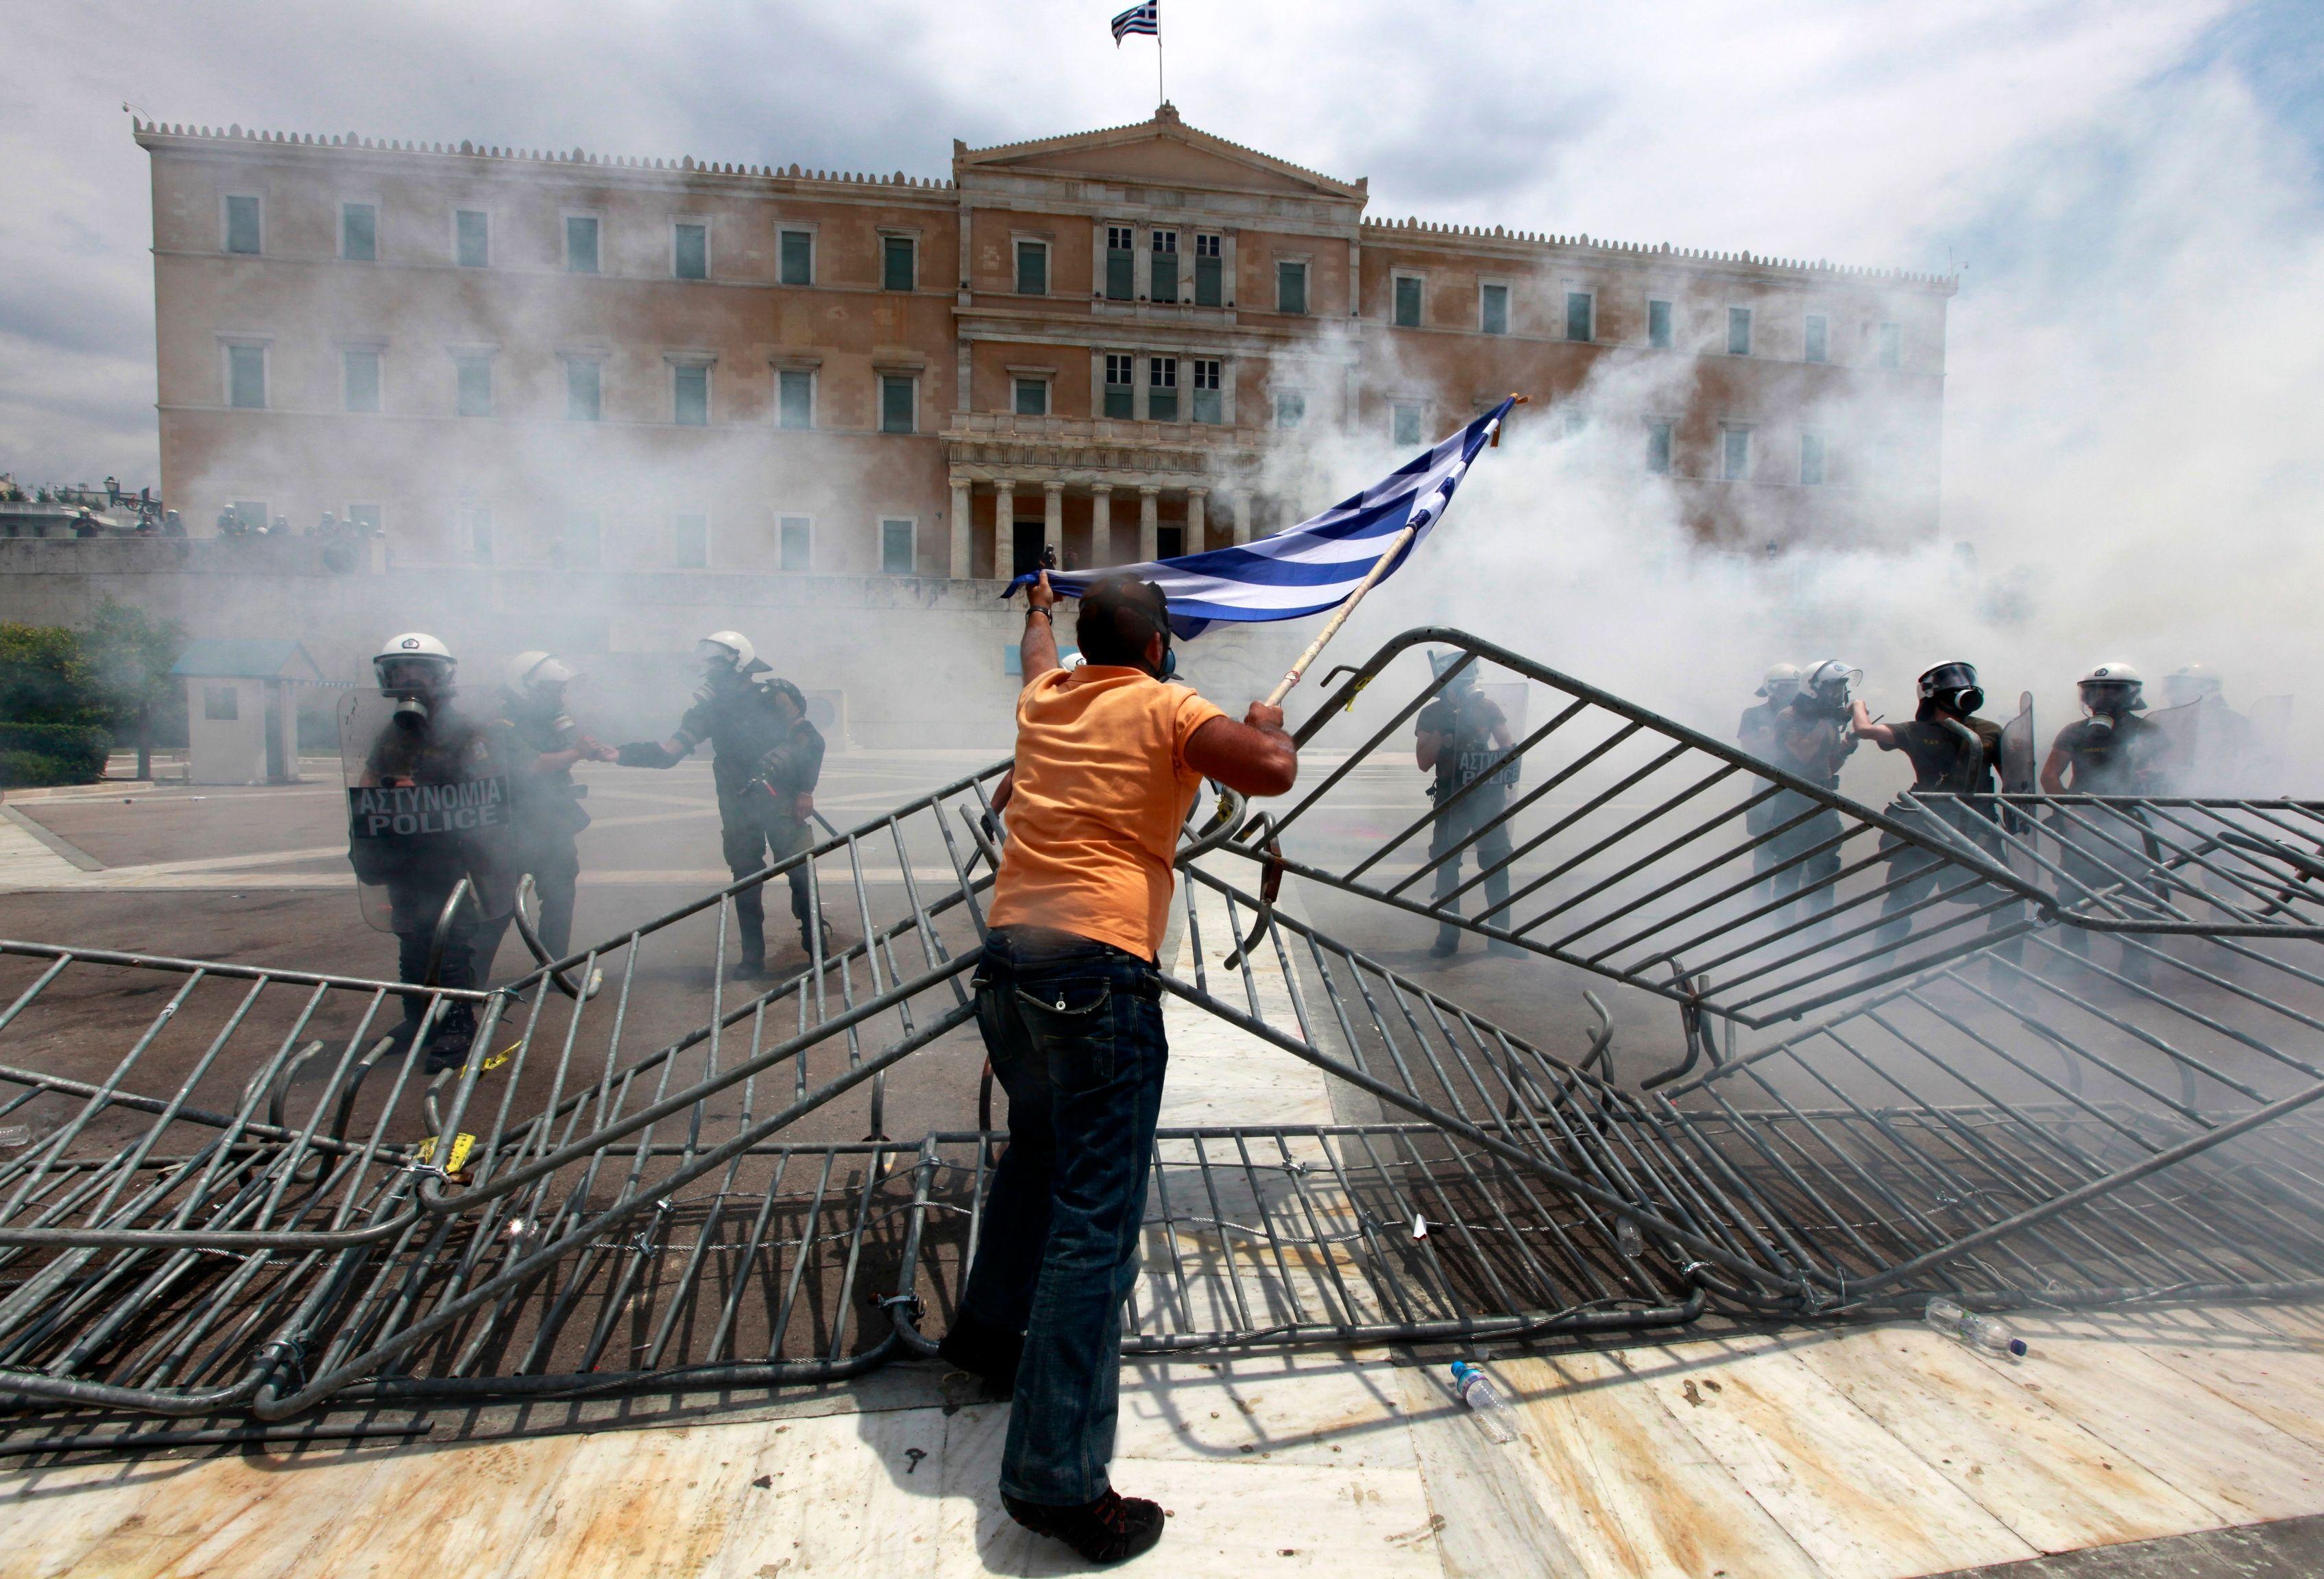 Les manifestants devant le Parlement à Athènes, mercredi 29 juin 2011.